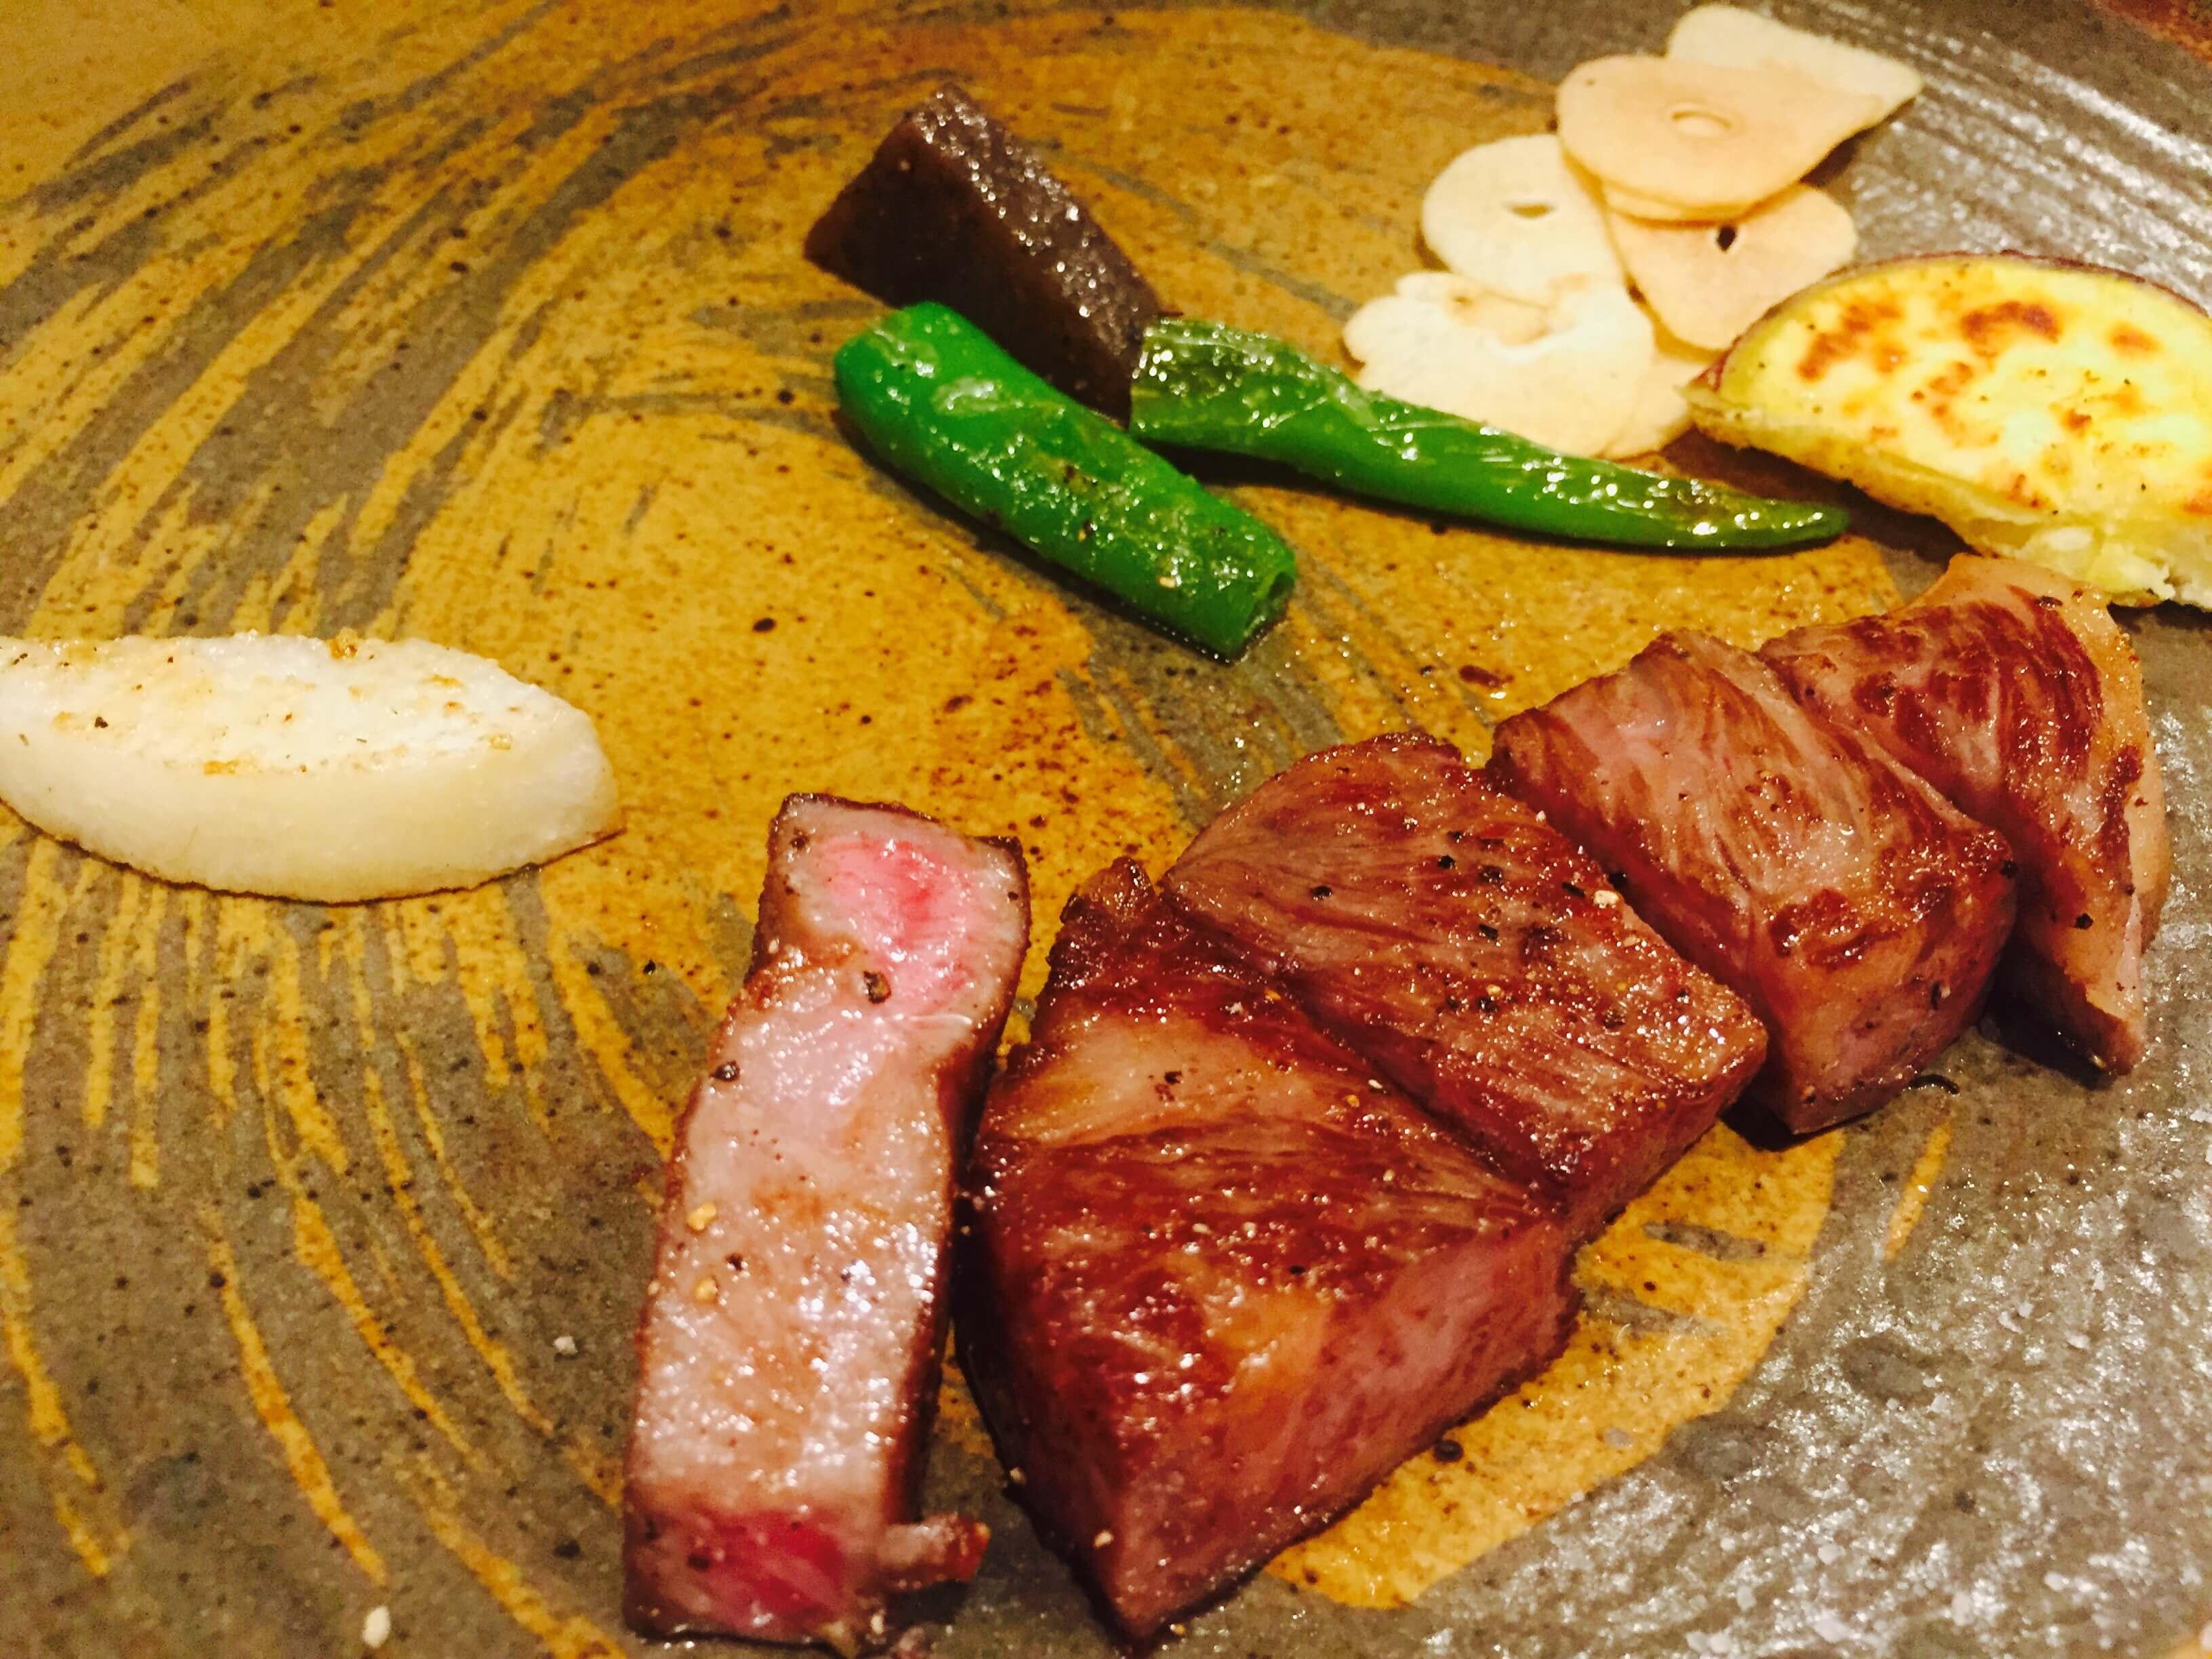 只 用 鐵 板 煎 烤 , 讓 牛 肉 的 滋 味 能 夠 存 留 在 口中